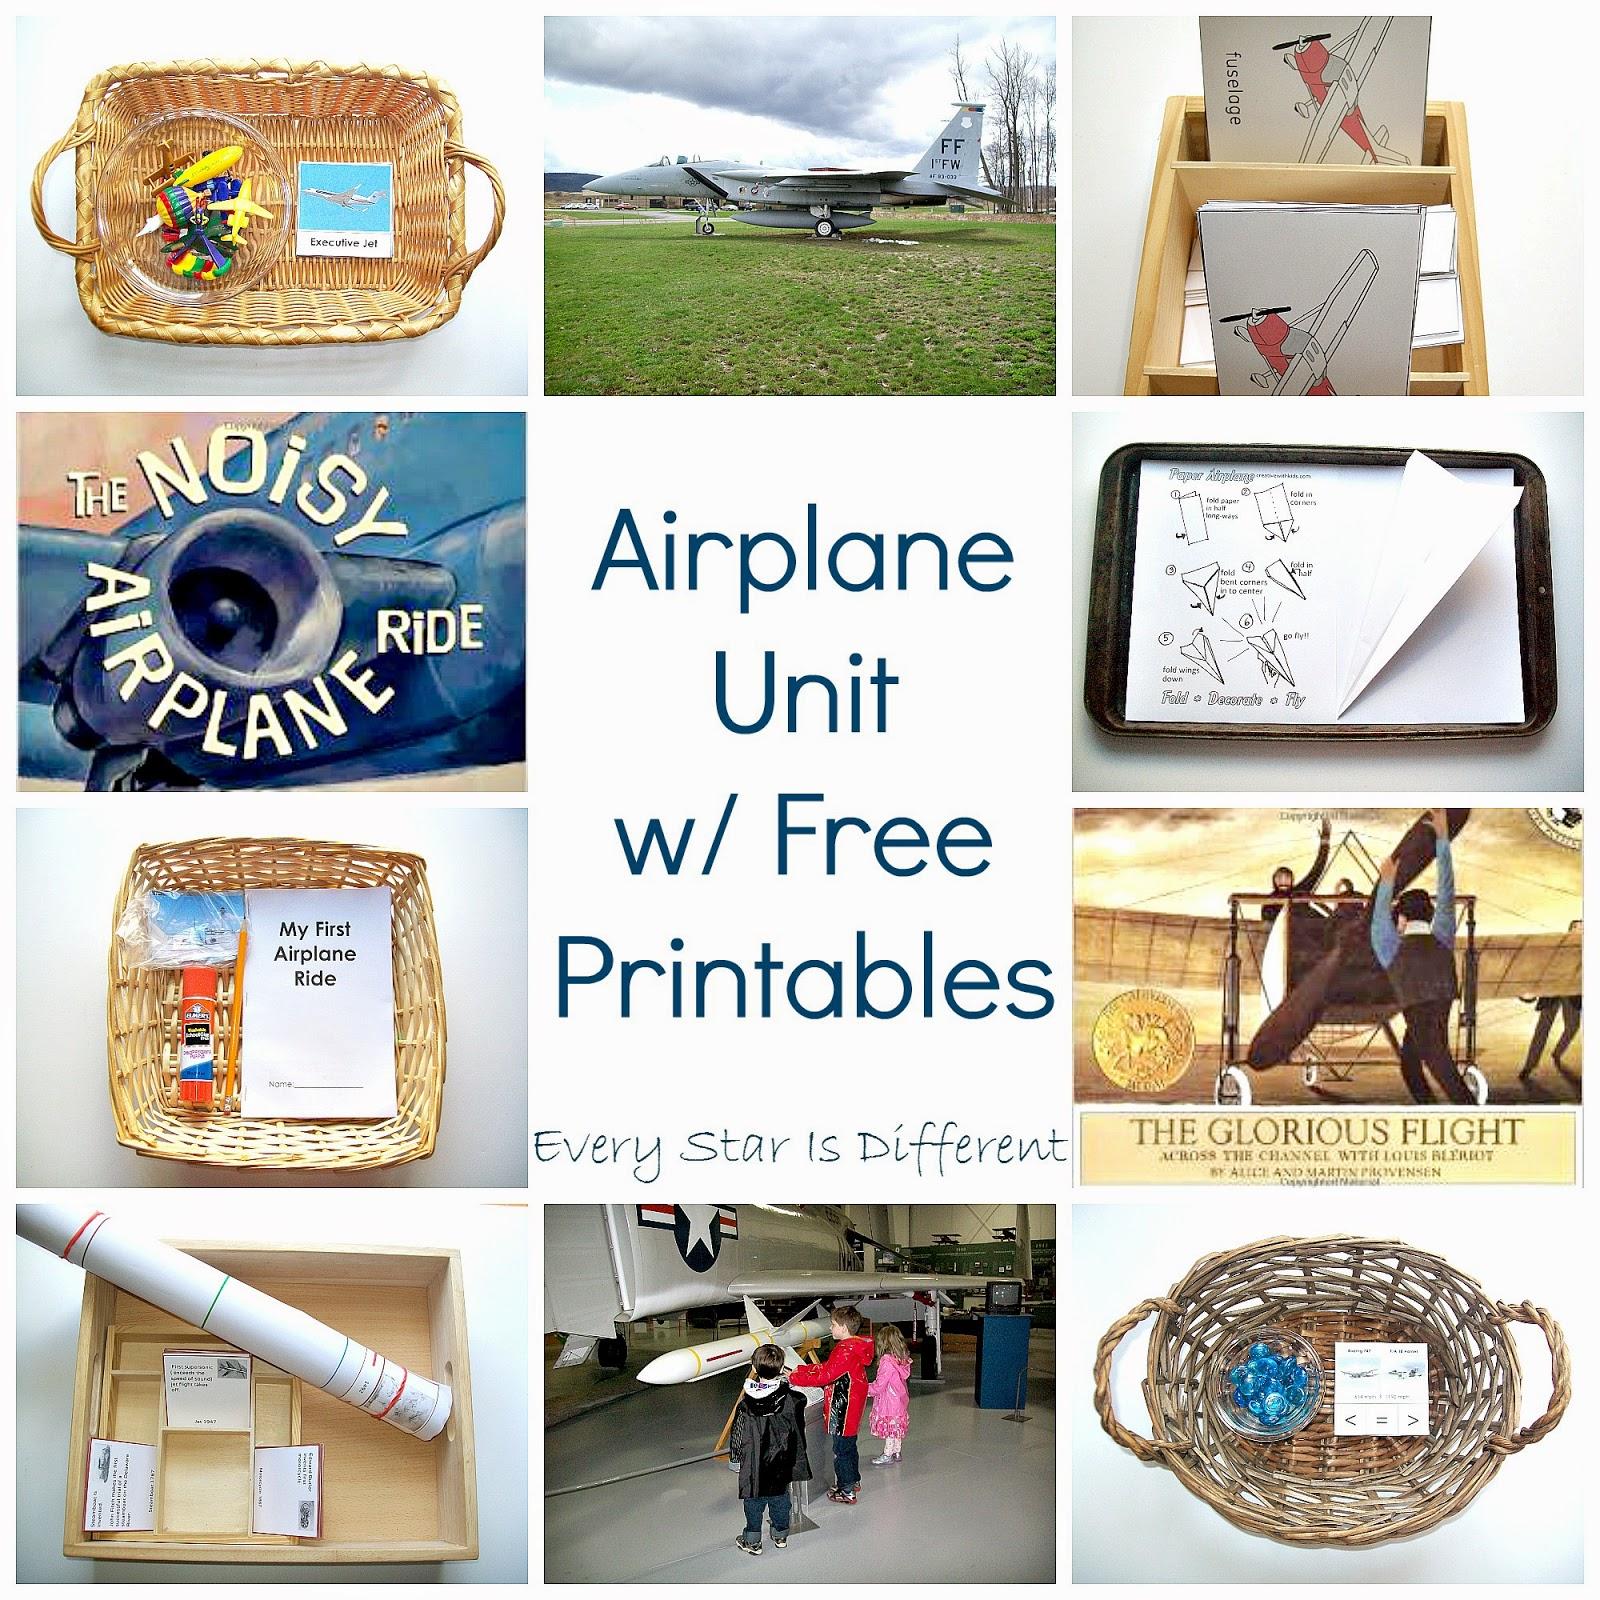 Airplane Unit W/ Free Printables